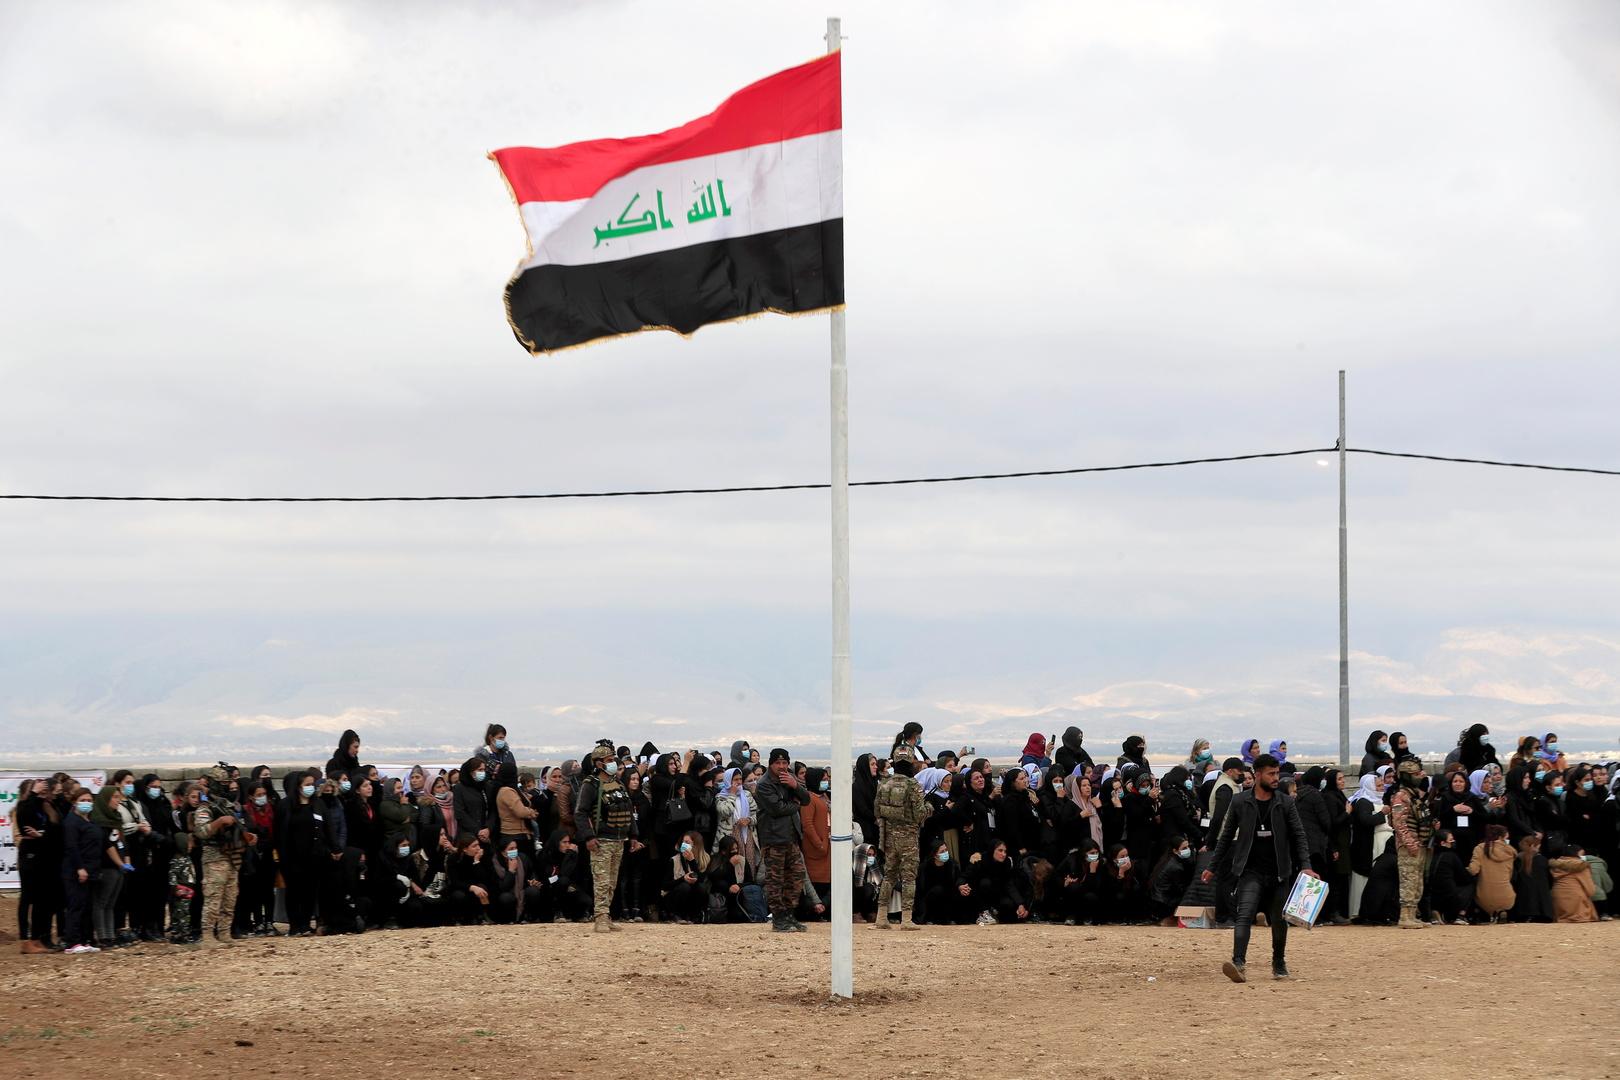 عملية سطو مسلح غريبة من نوعها في العراق (فيديو)